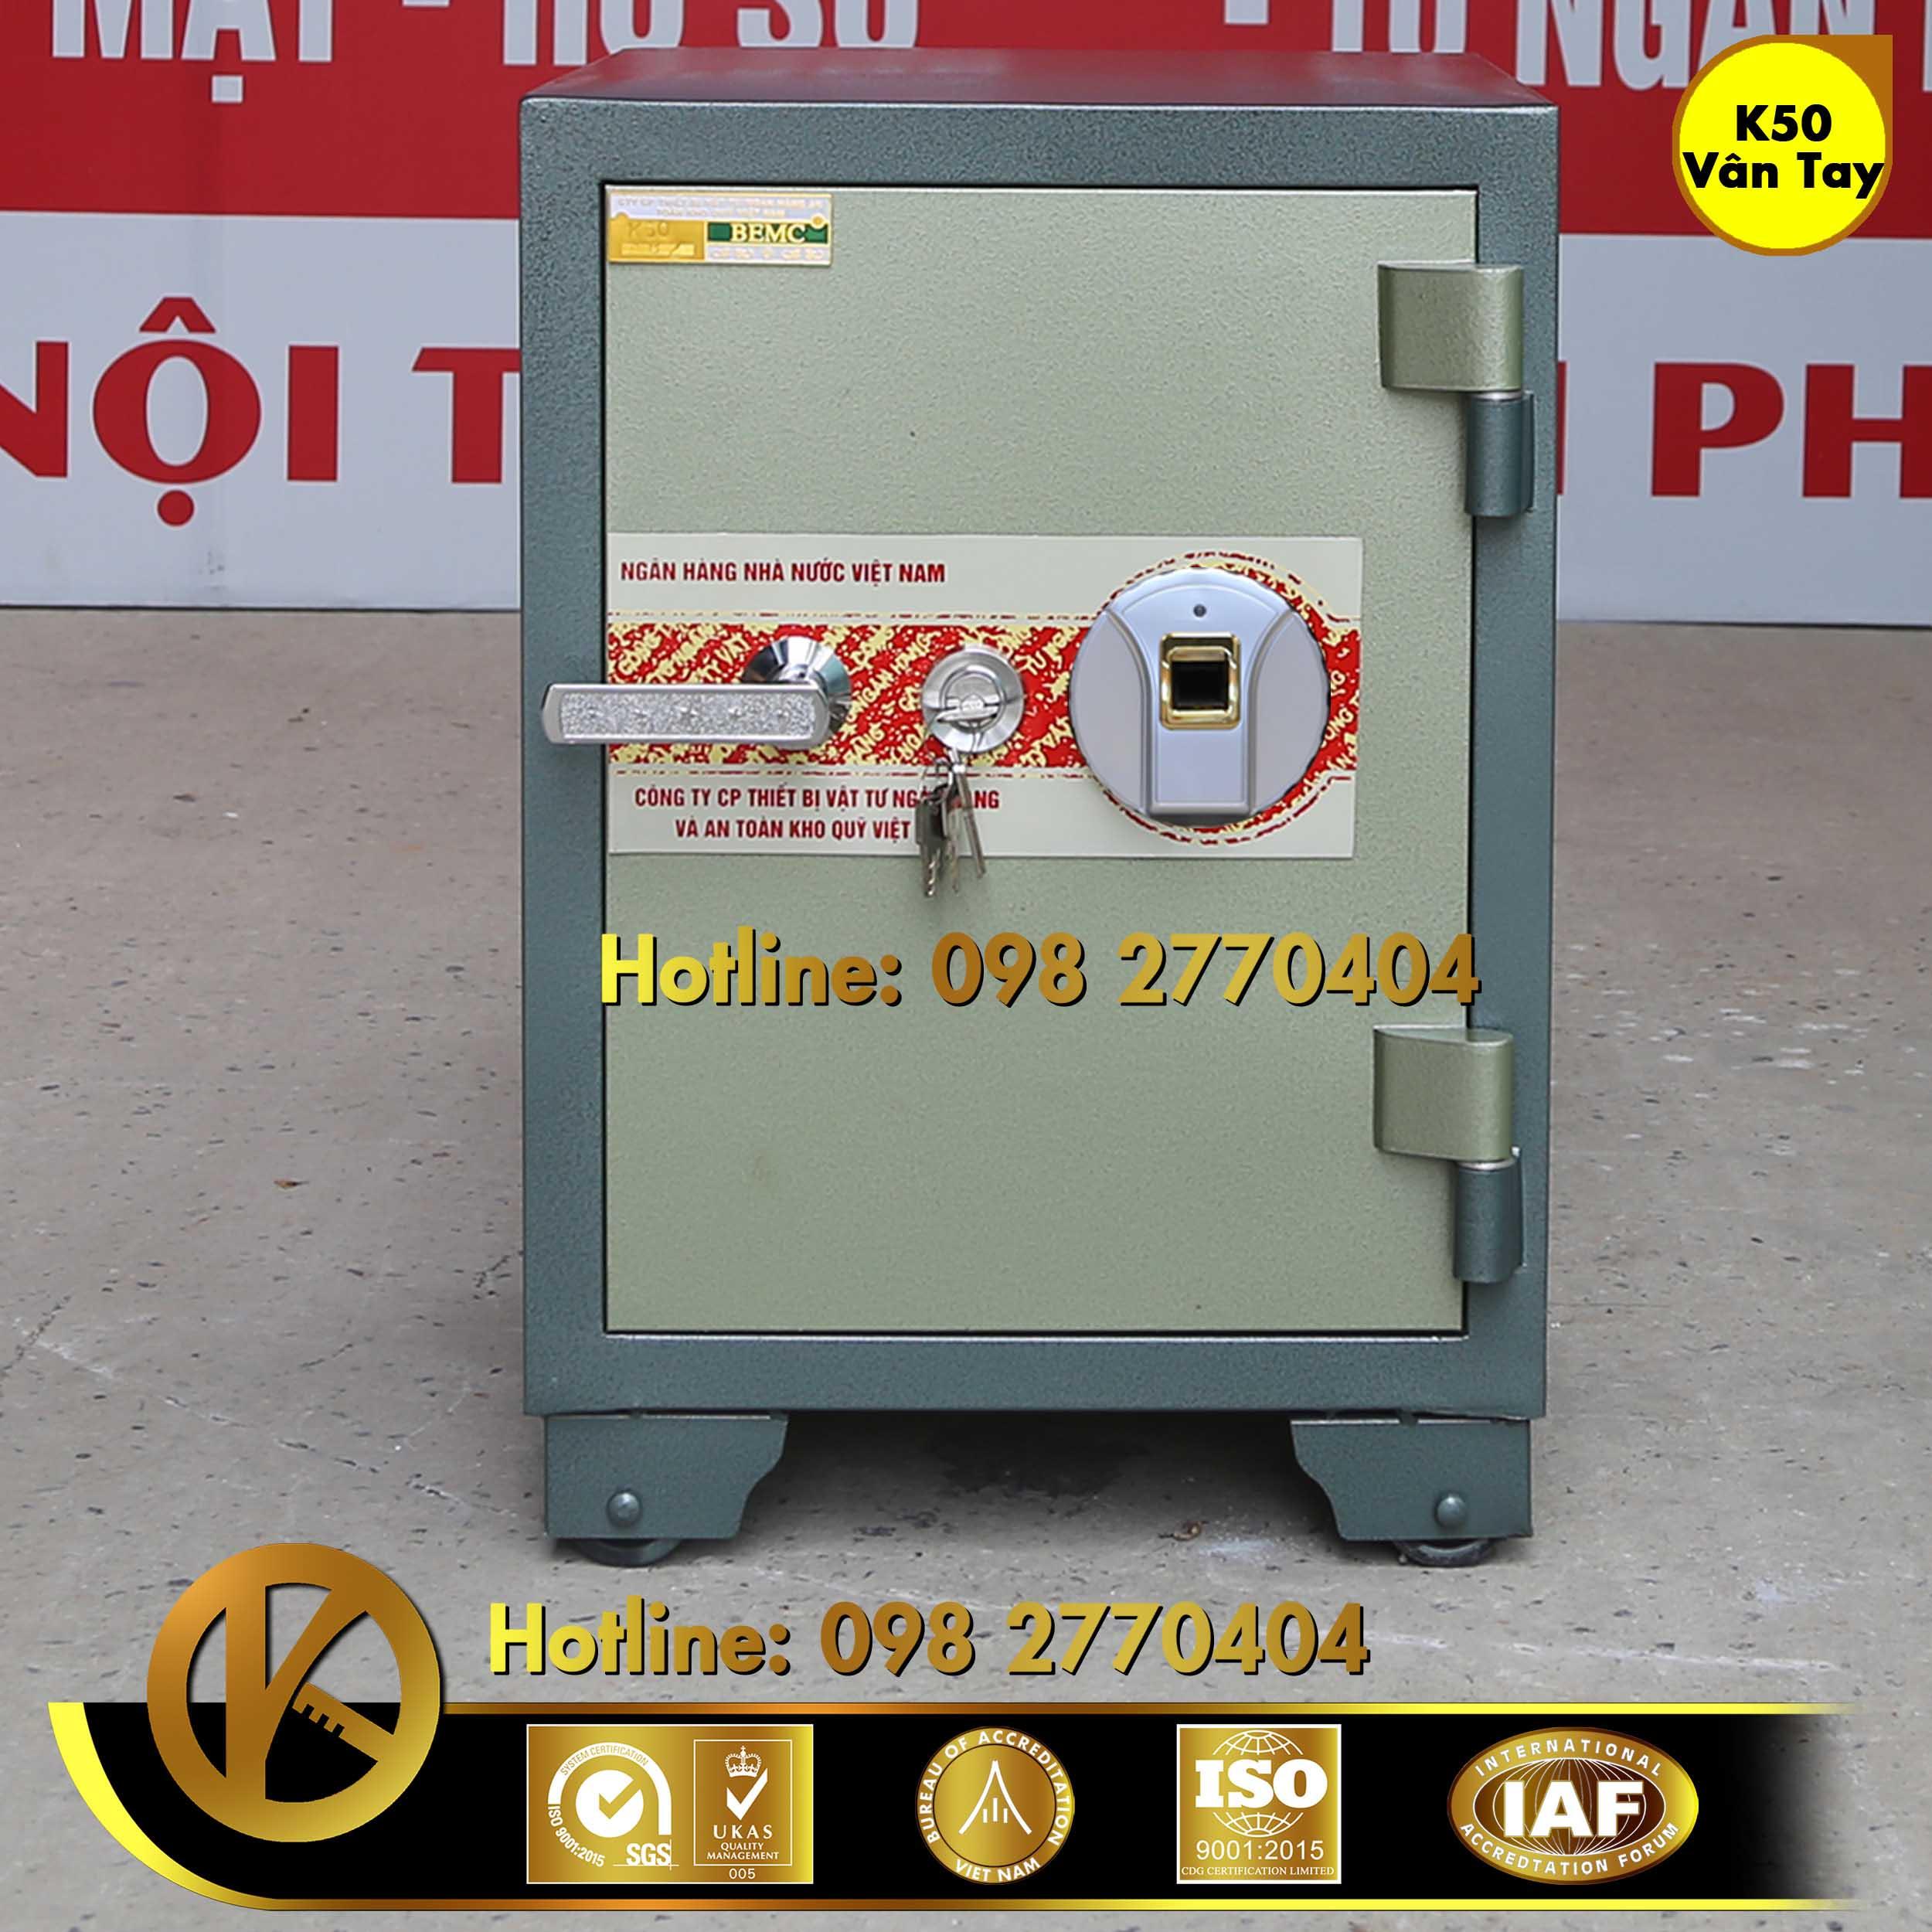 Địa chỉ bán két sắt dùng cho ngân hàng bemc khóa điện tử